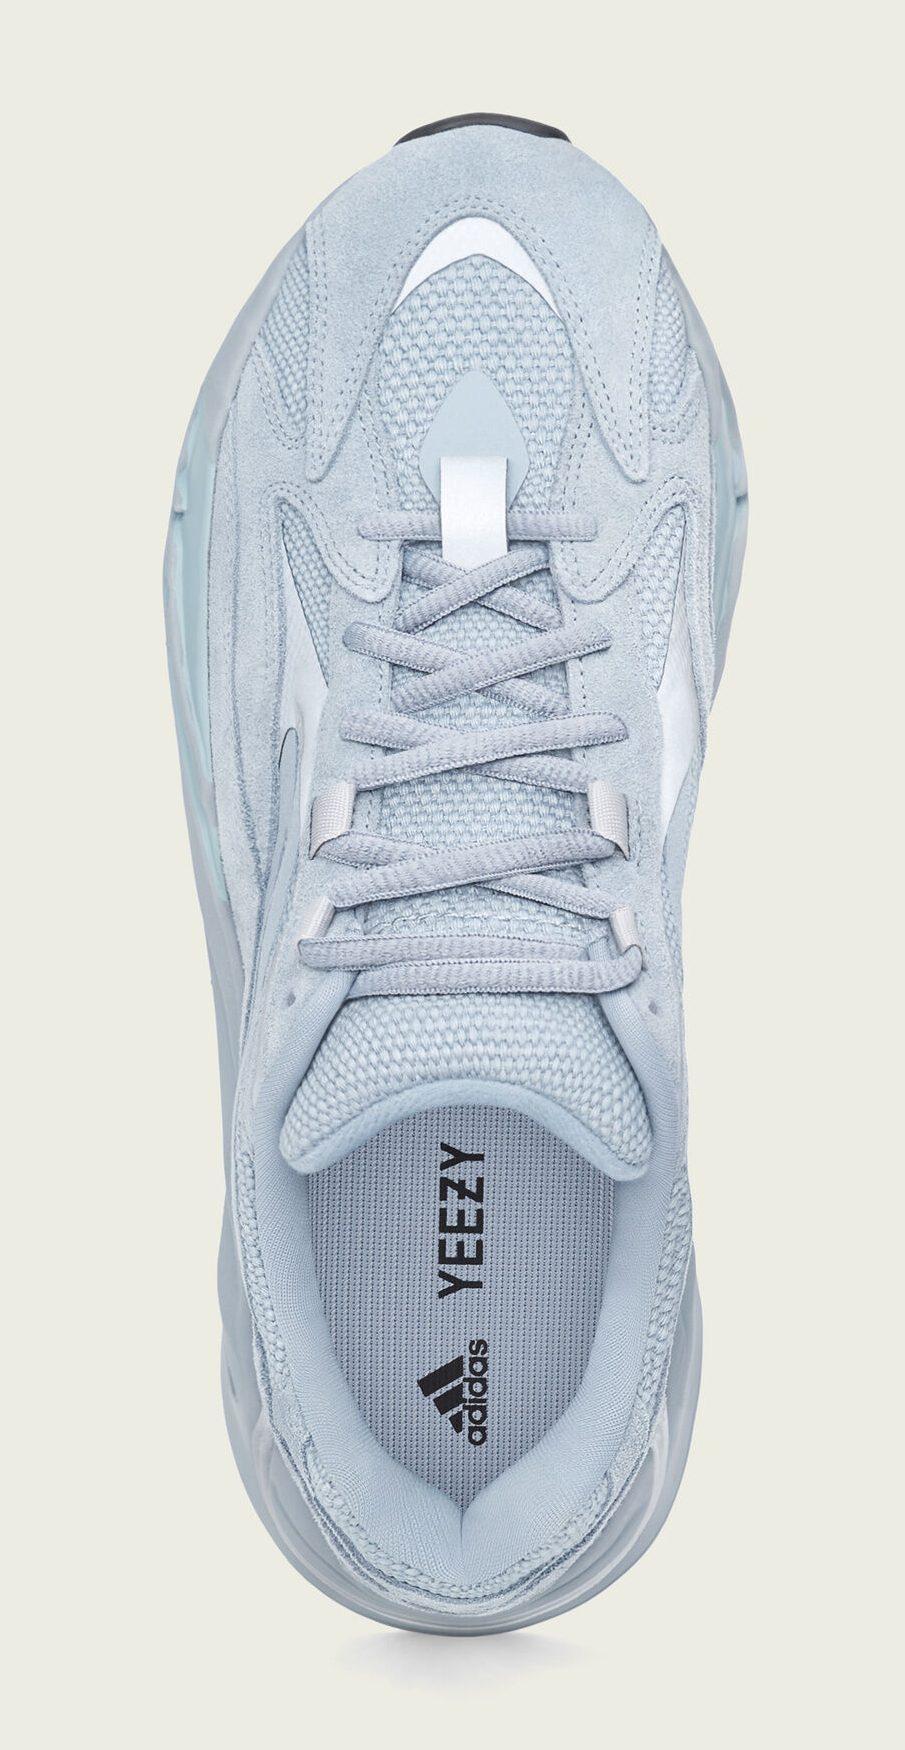 Adidas Yeezy Boost 700 V2 'Hospital